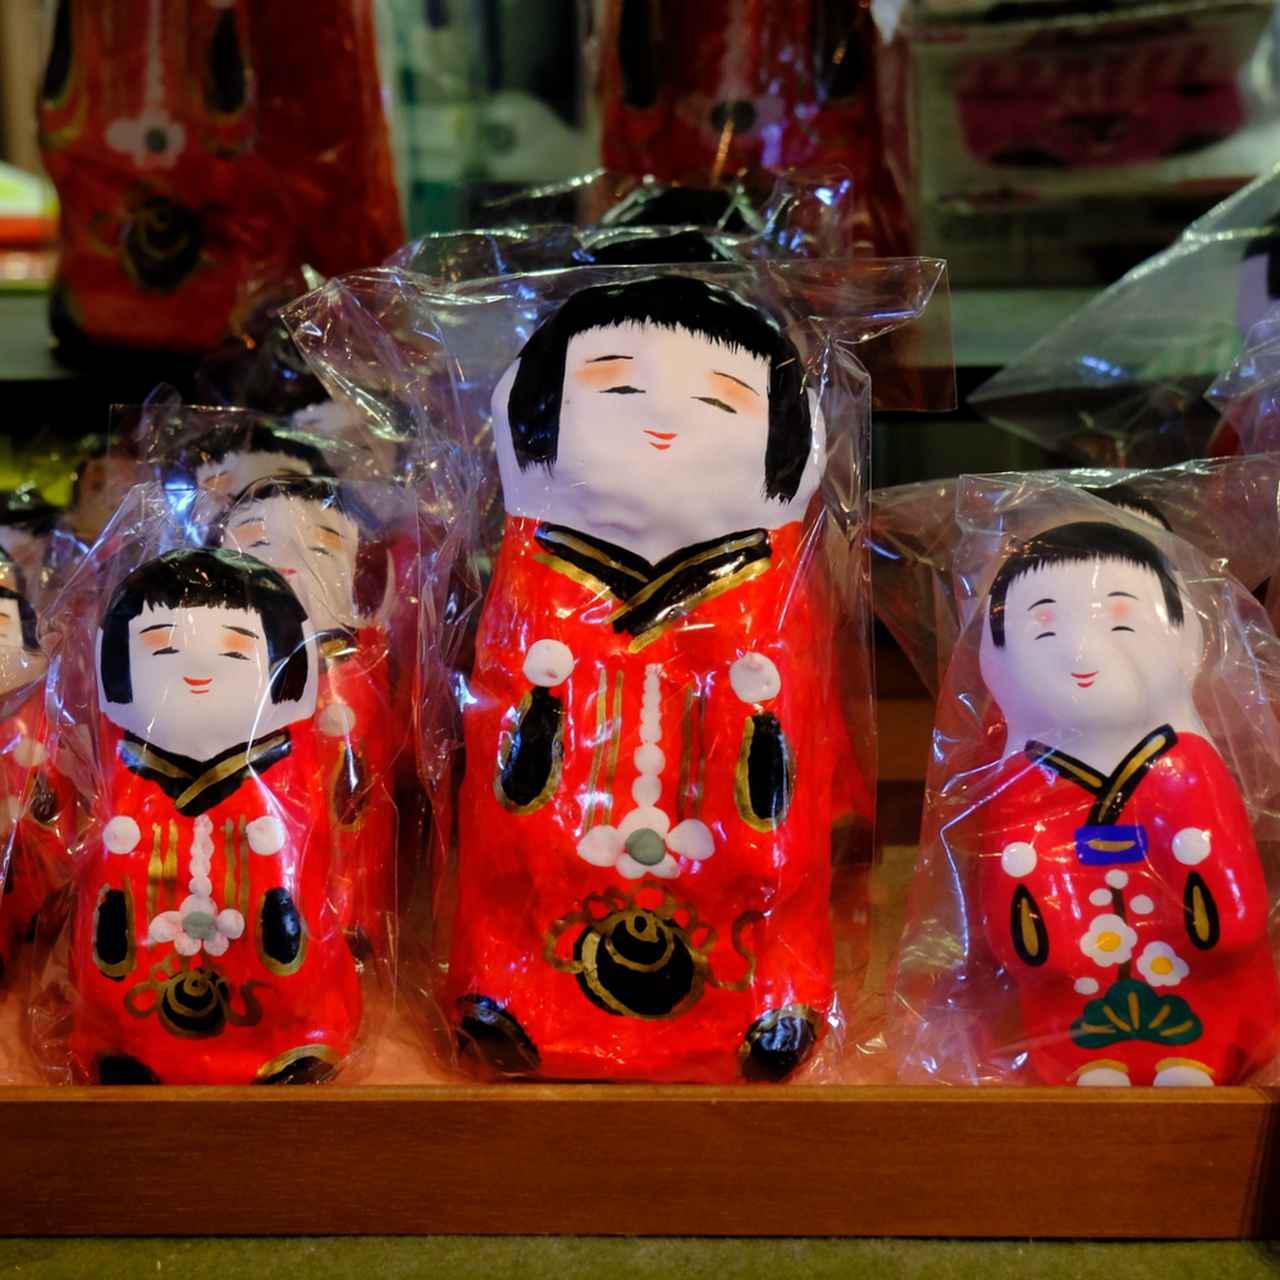 画像: 香川県にある多くの工芸品はここで見ることができます。「高松張子」は昔から香川に伝わる郷土玩具。写真の赤い着物の張子は中でも有名な「奉公(ほうこ)さん」。素朴で柔和な表情を持つ少女の人形で、多くの人に愛されています。